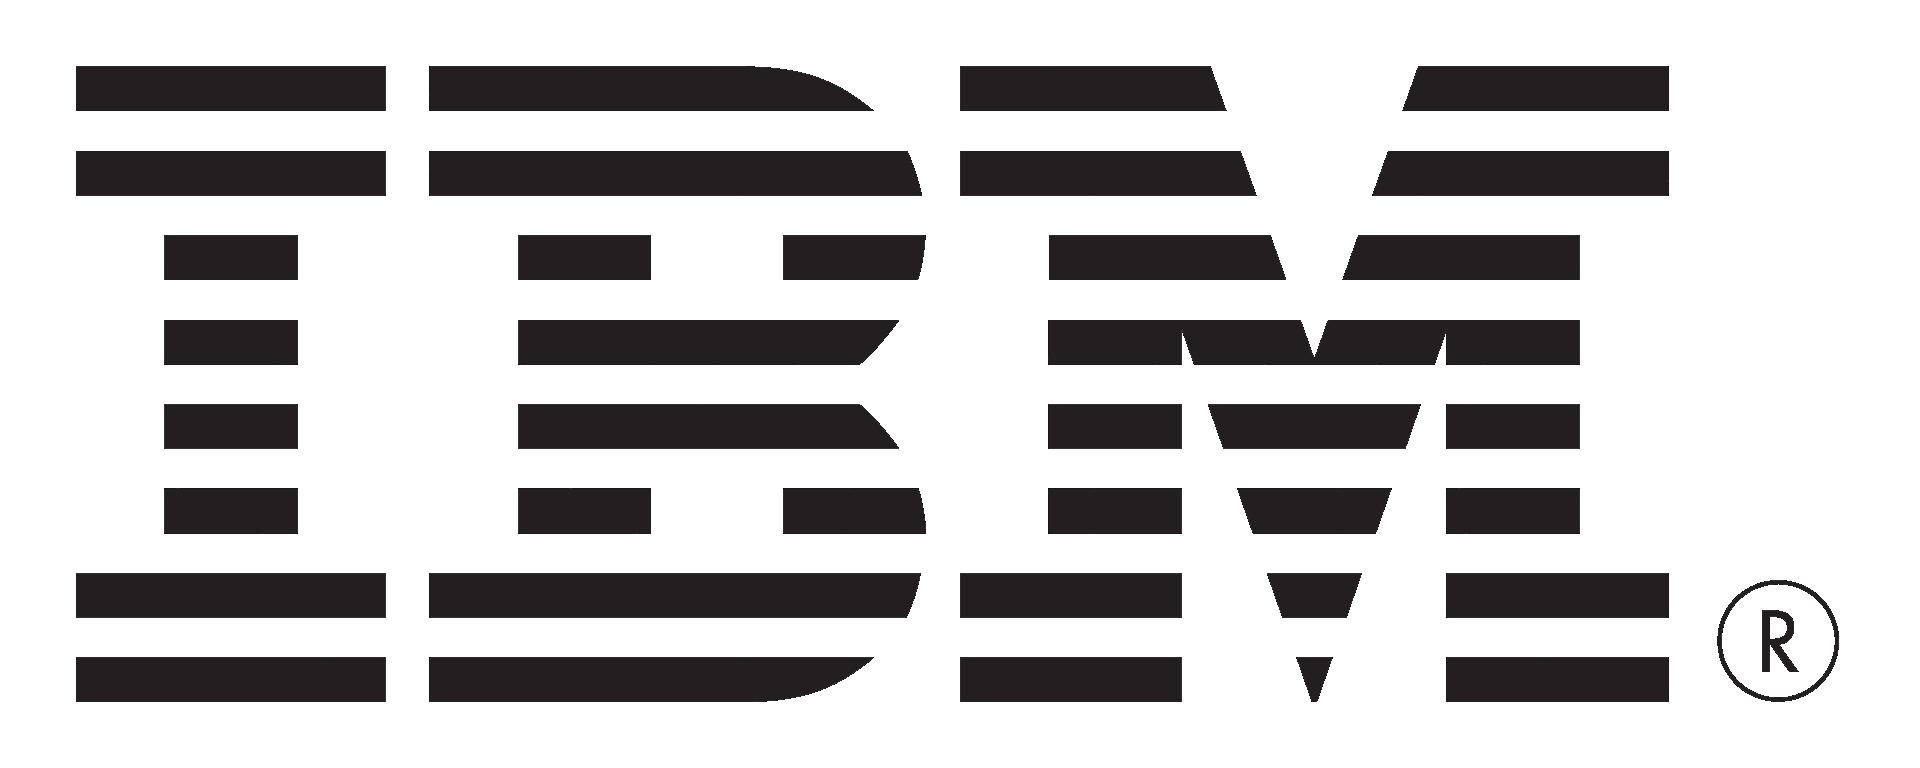 Download Ibm Logo Png Image For Free Ibm Logo Logos Png Images